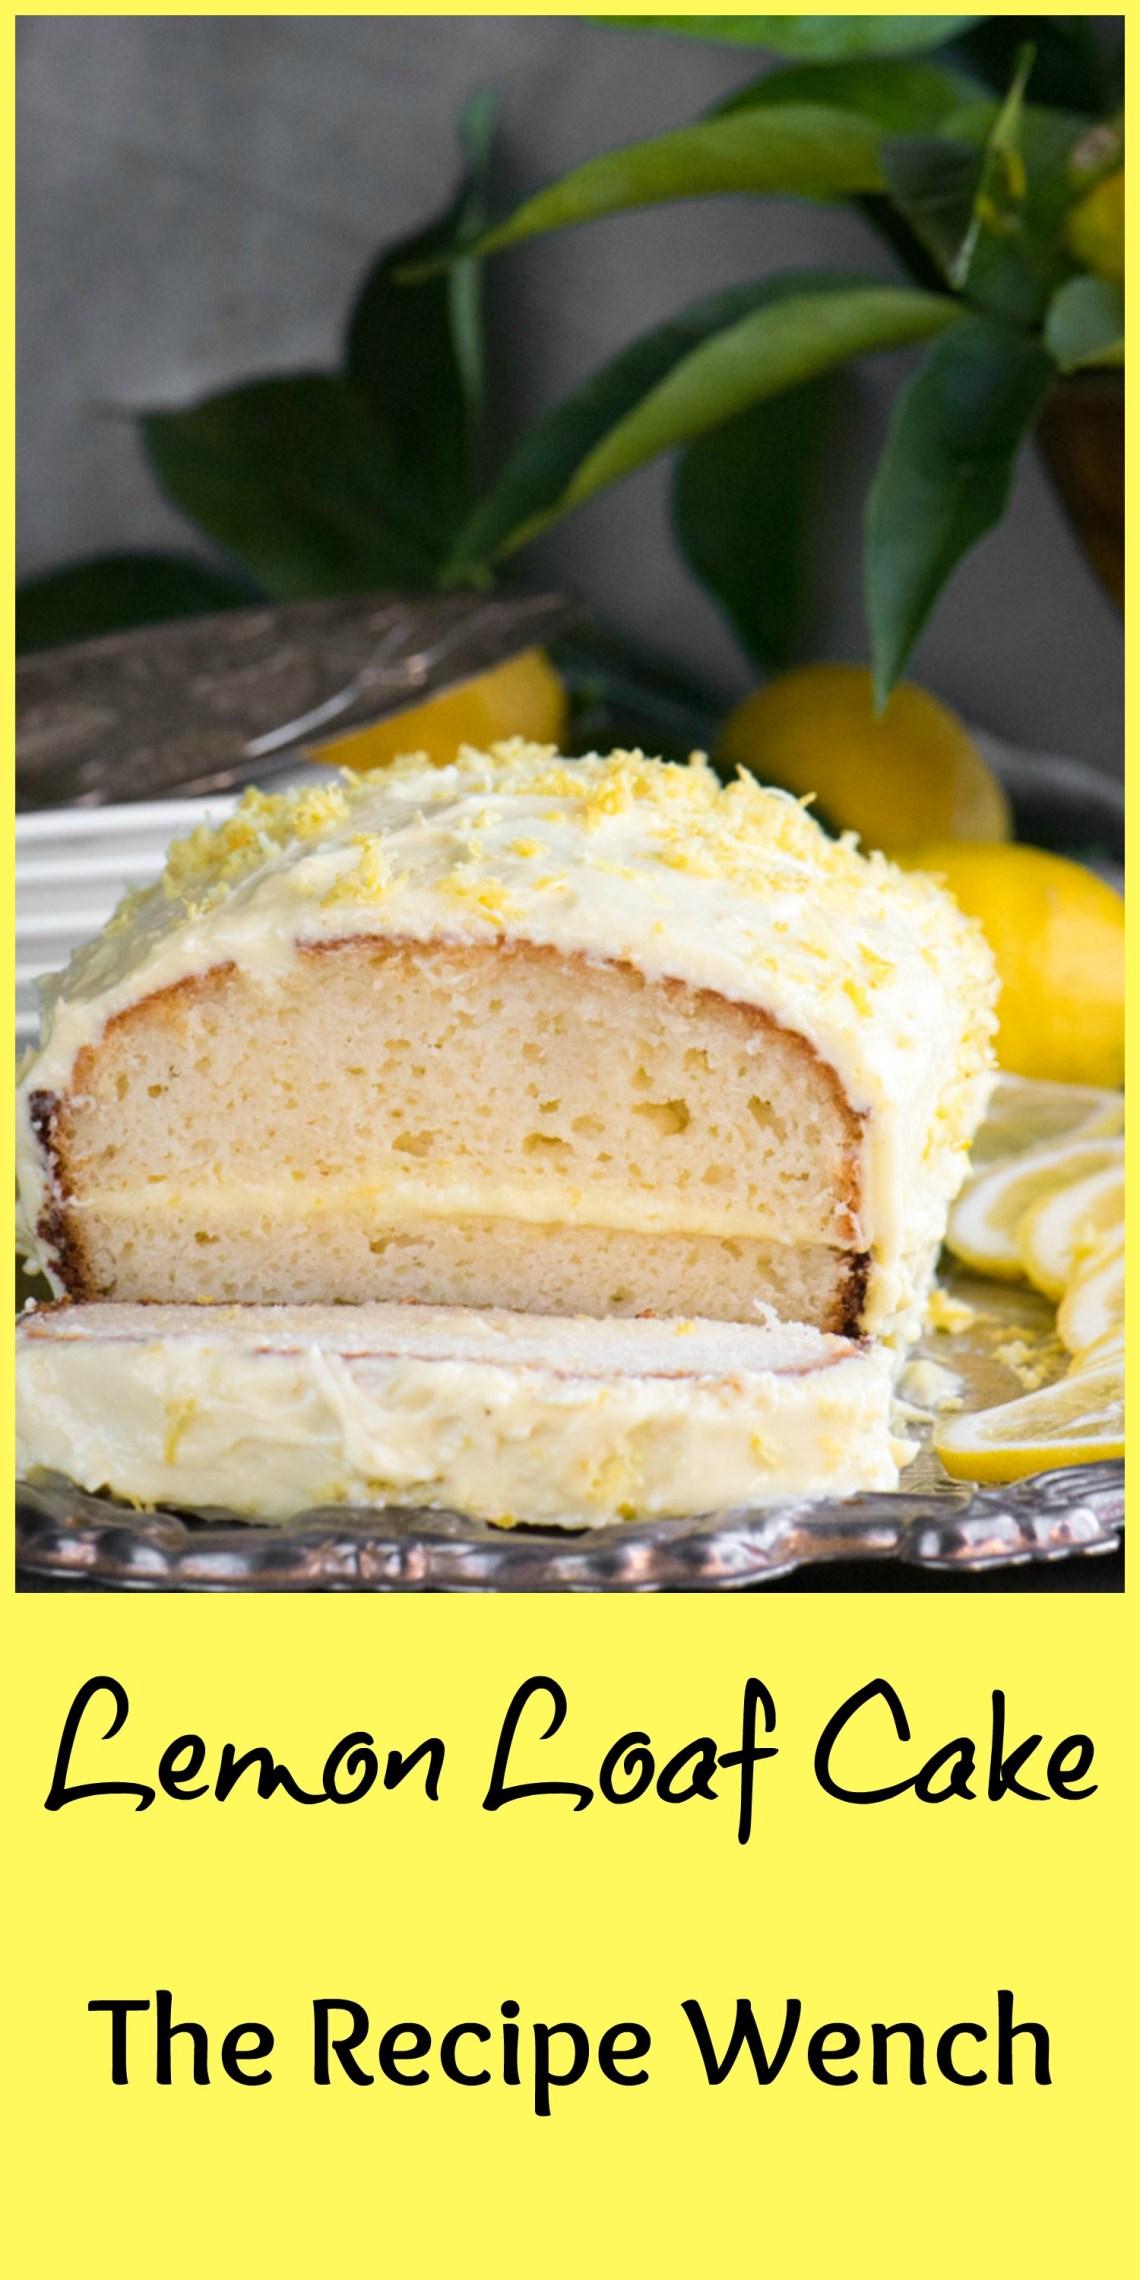 Lemon Loaf Cake PM